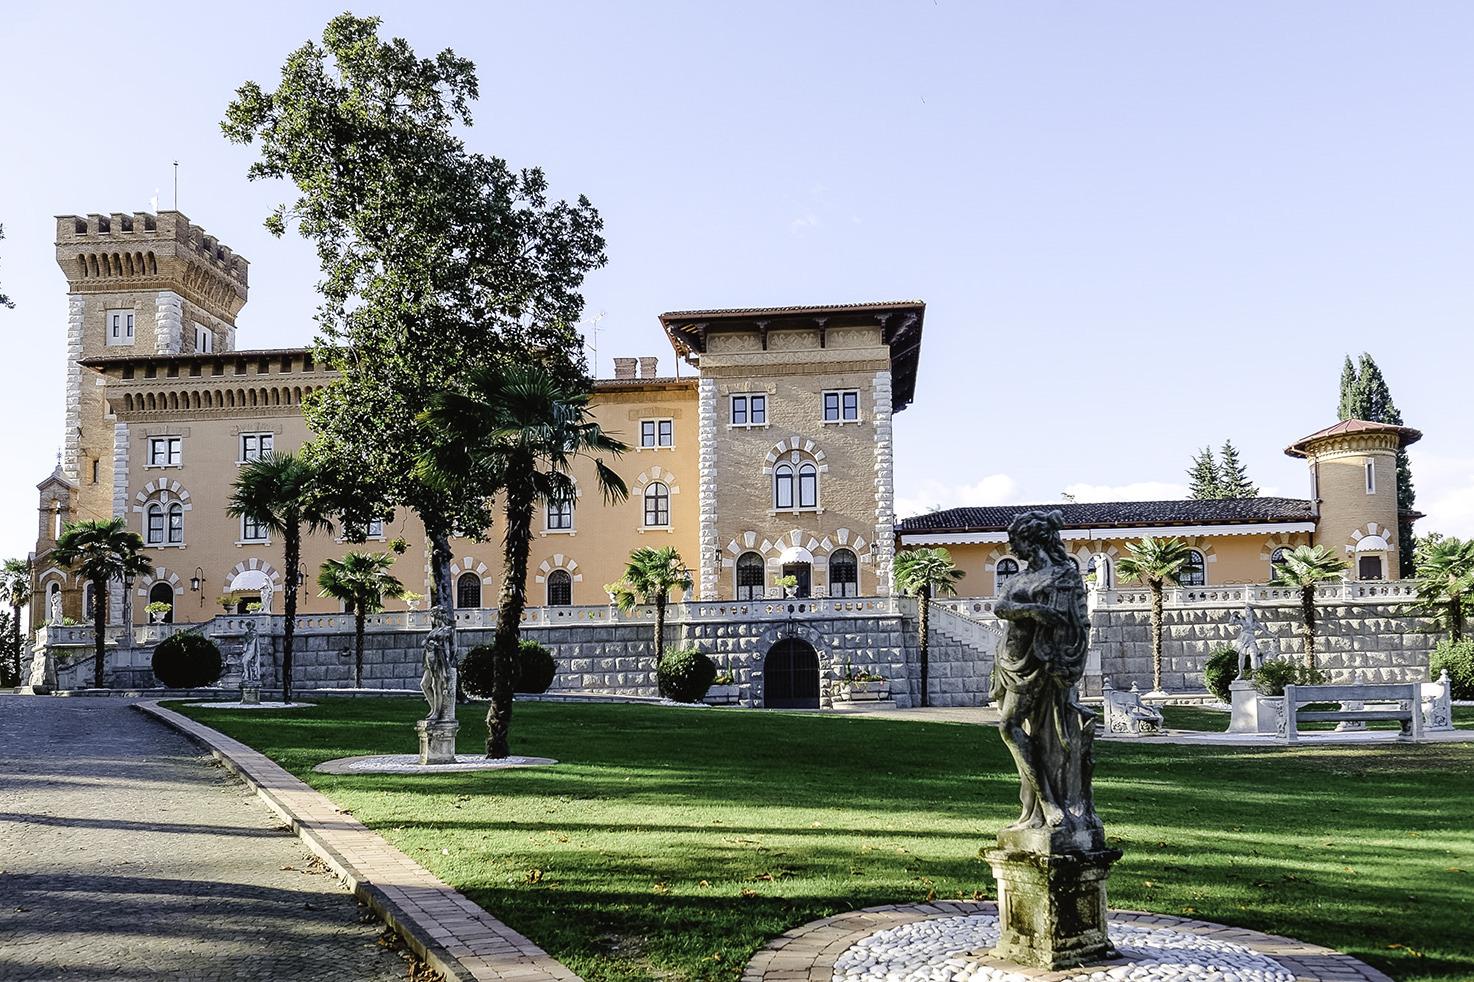 Exterior of Castello di Spessa